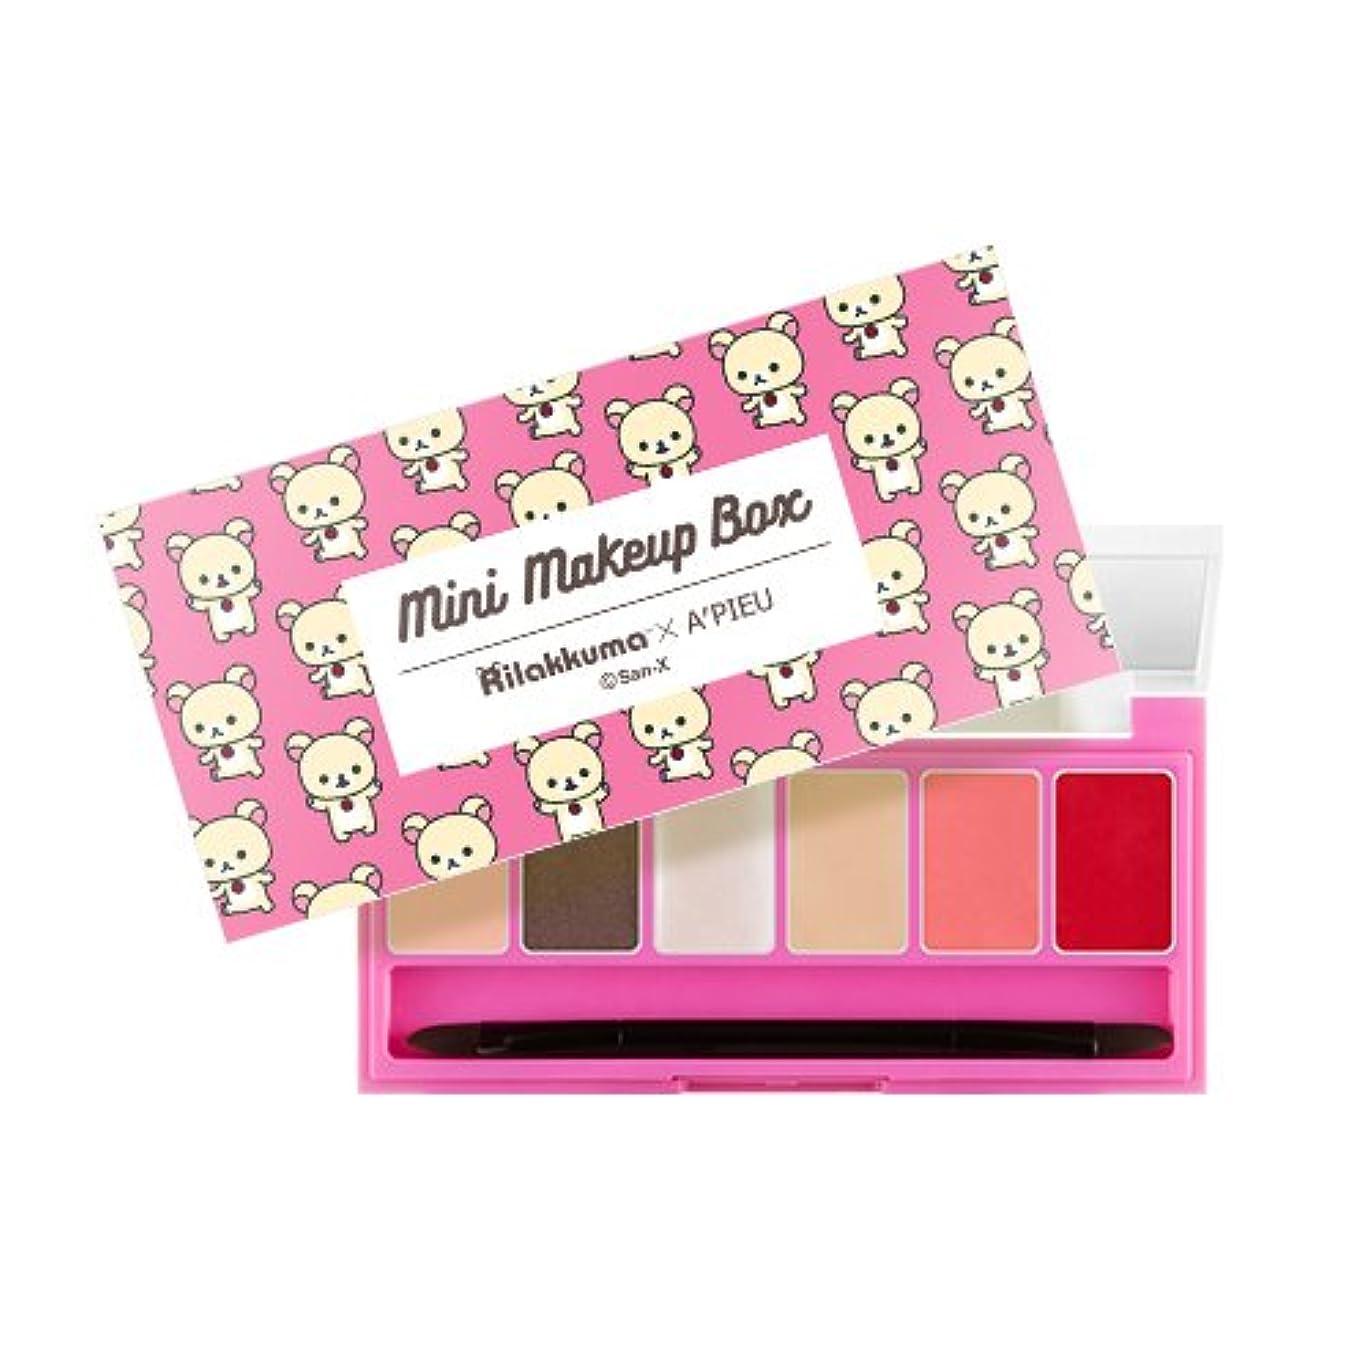 受粉する混沌テレマコスAPIEU(オピュ) リラックマ ミニ メイクアップ ボックス/Rilakkuma Mini Makeup box (2号) [並行輸入品]